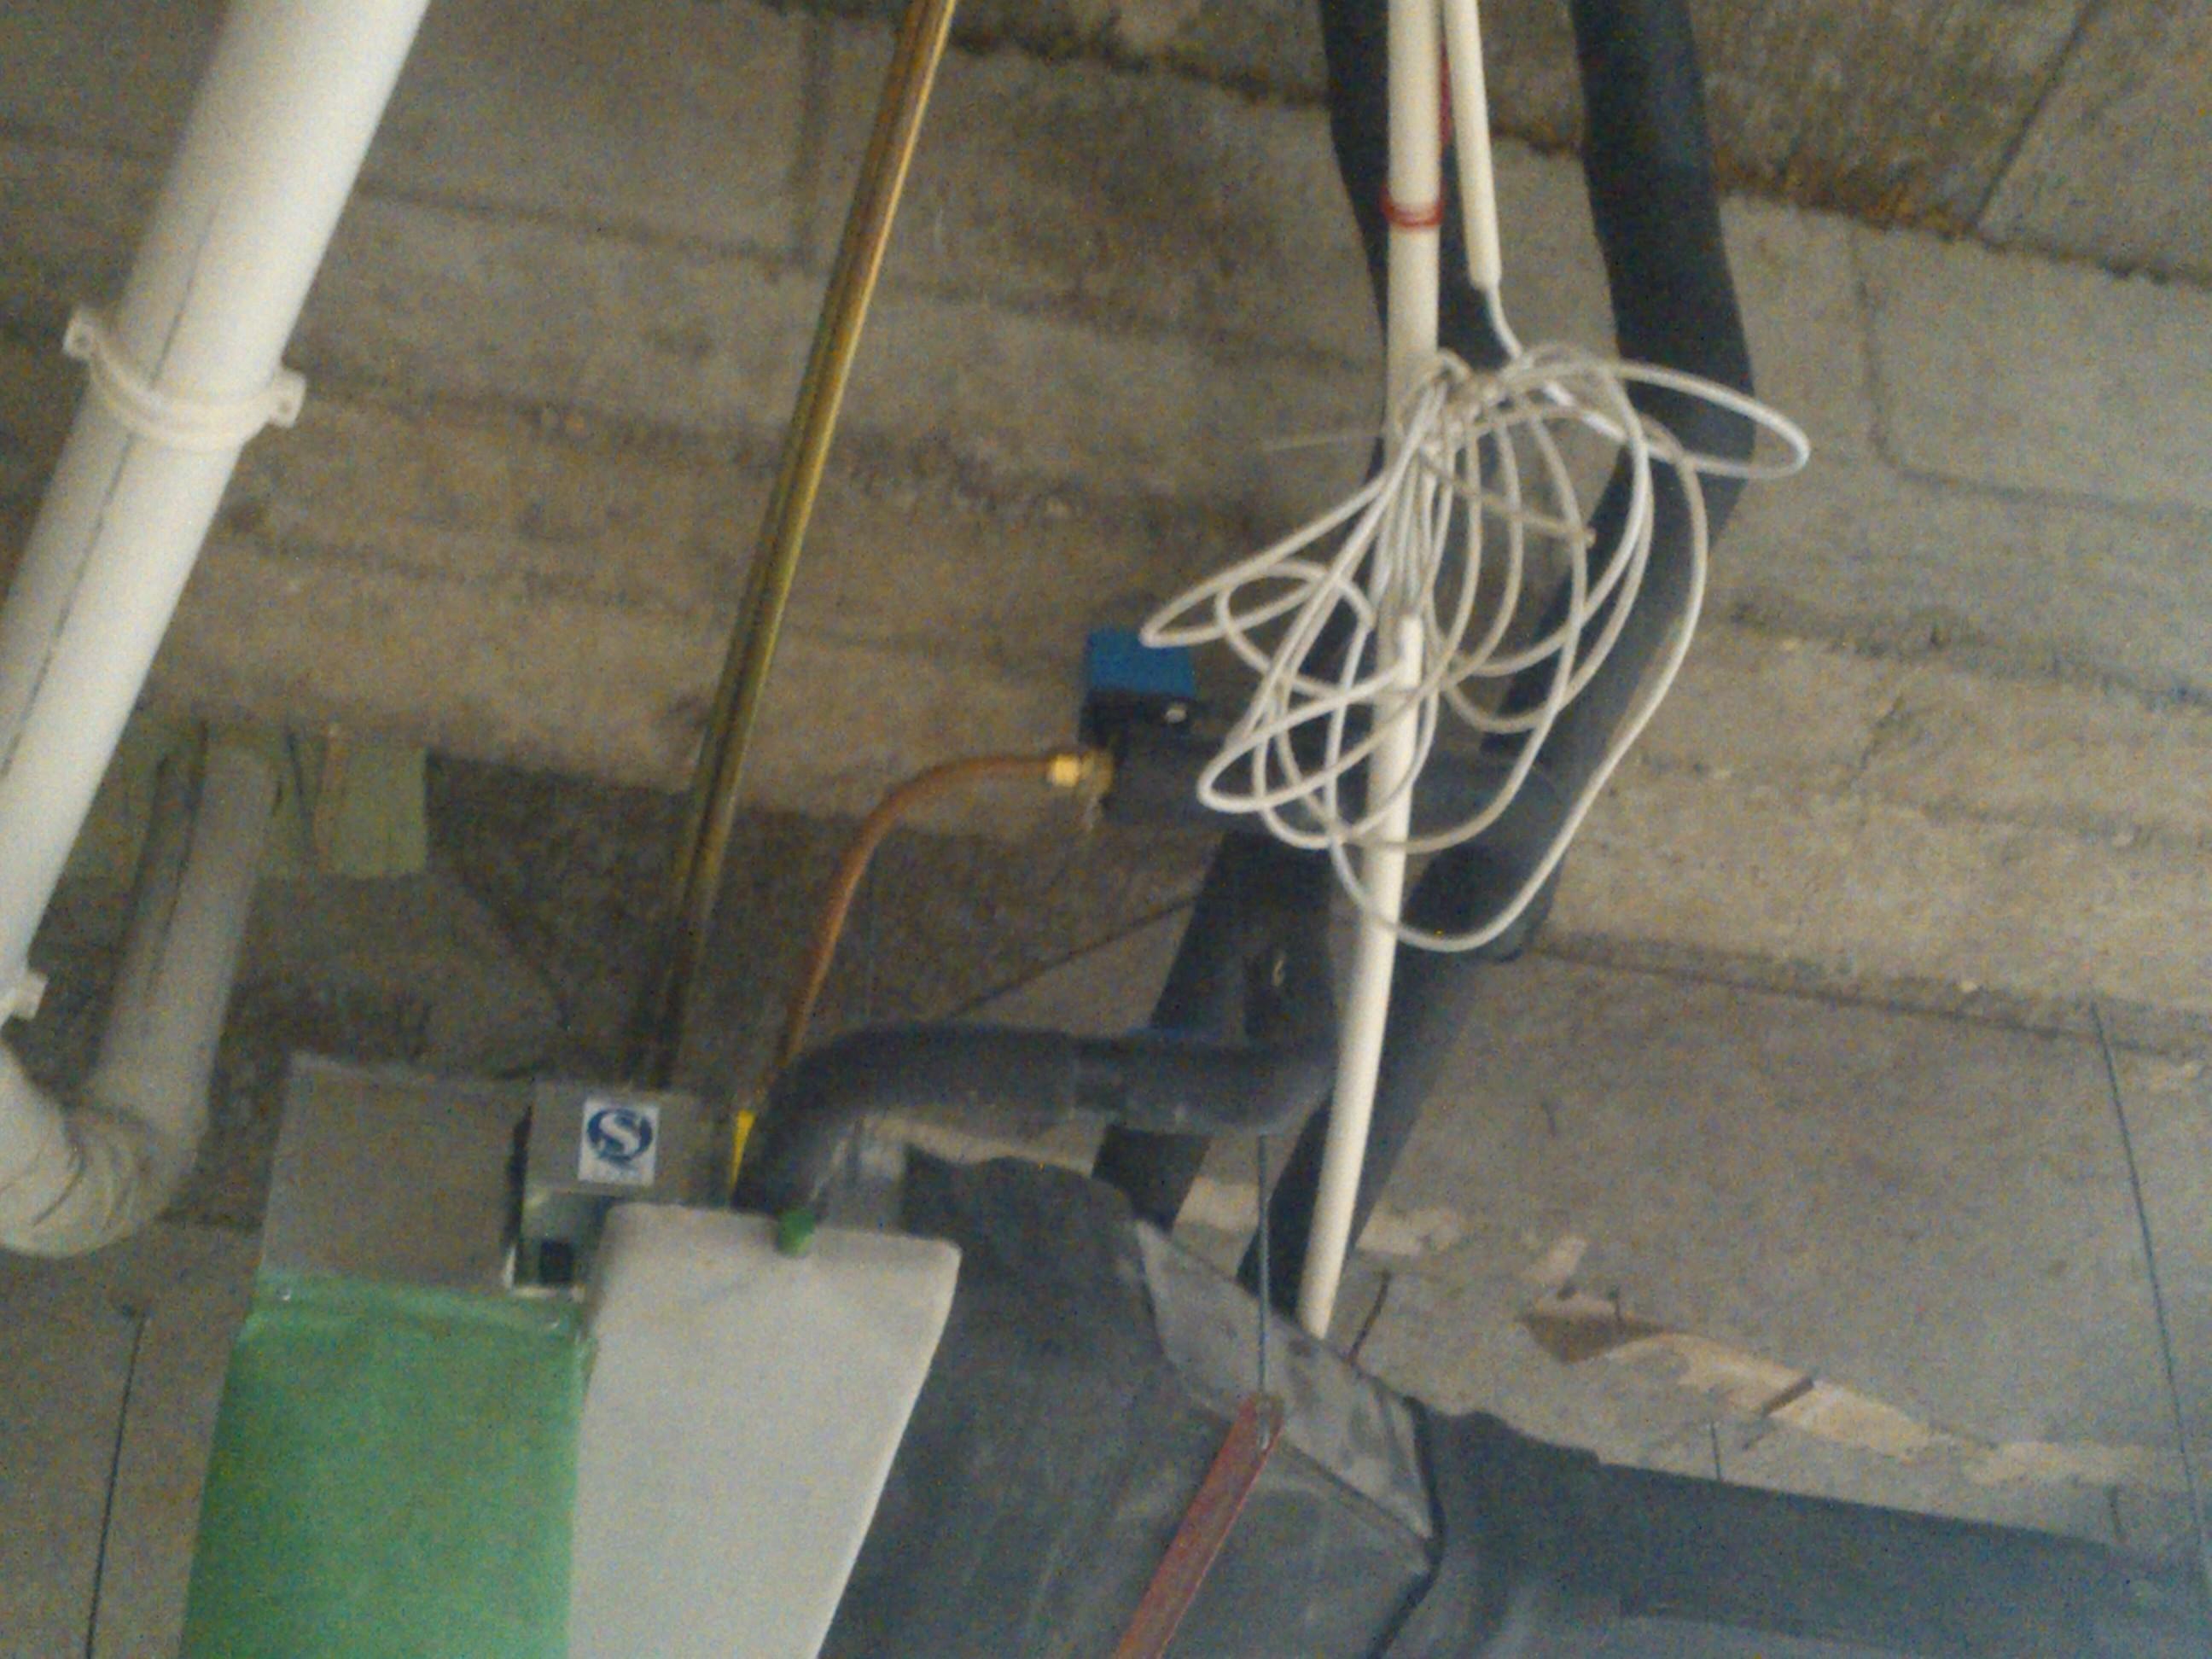 求教:风机盘管与镀锌钢管之间的连接没用金属软接,采用铜管连接的利弊